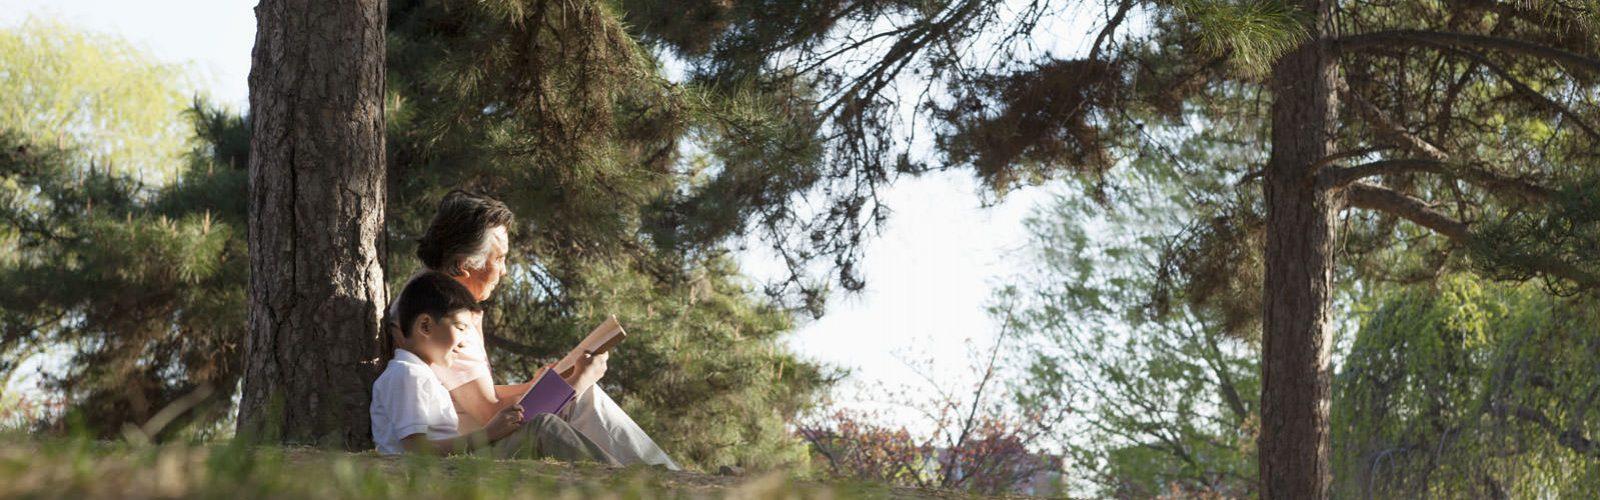 Mann mittleren Alters sitzt neben einem Jungen unter einem Baum, beide lesen ein Buch.